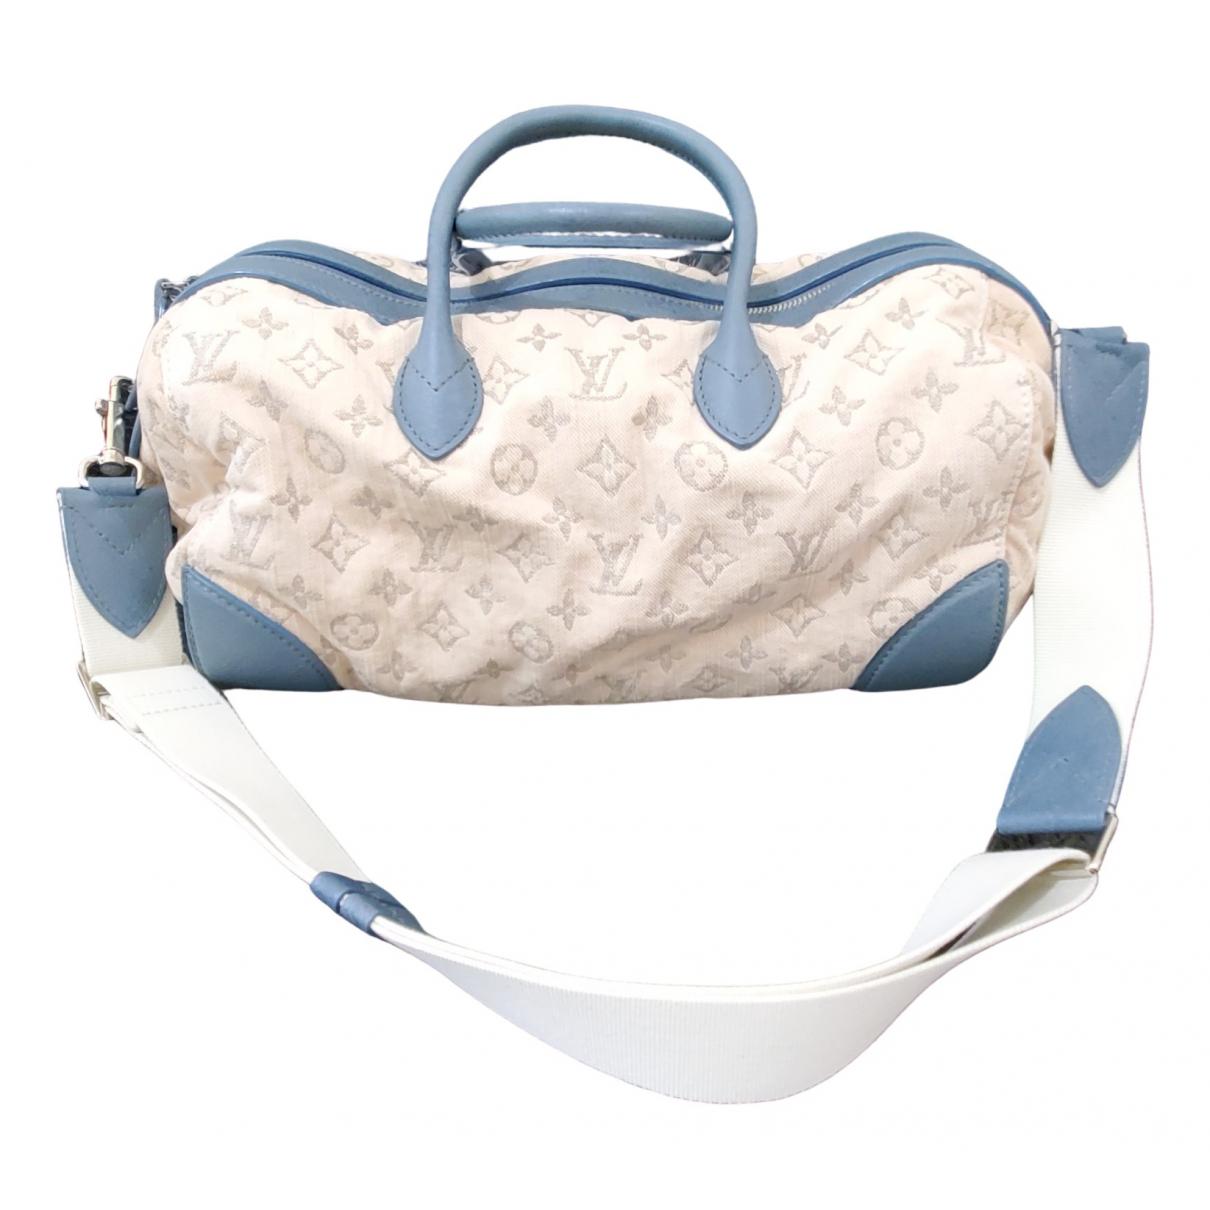 Louis Vuitton \N Blue Cotton handbag for Women \N